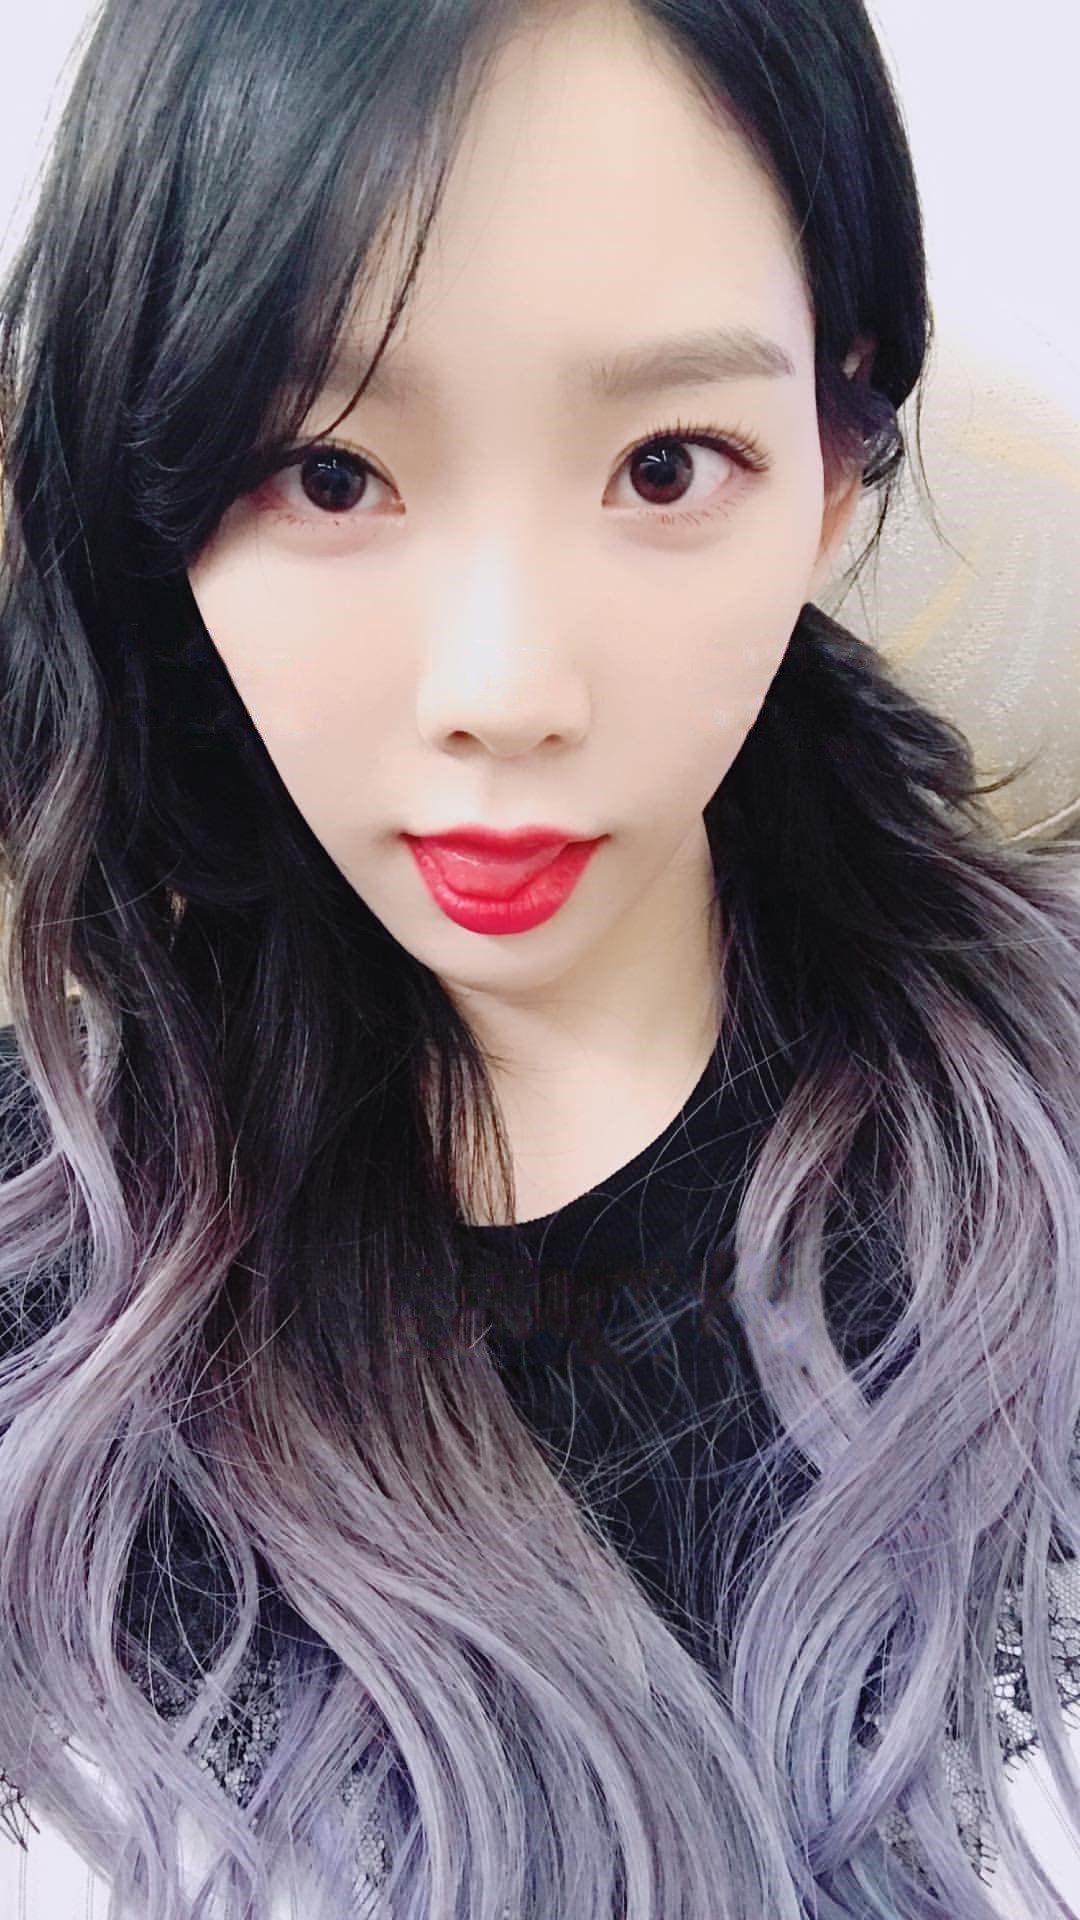 Taeyeon kpop girl Pinterest